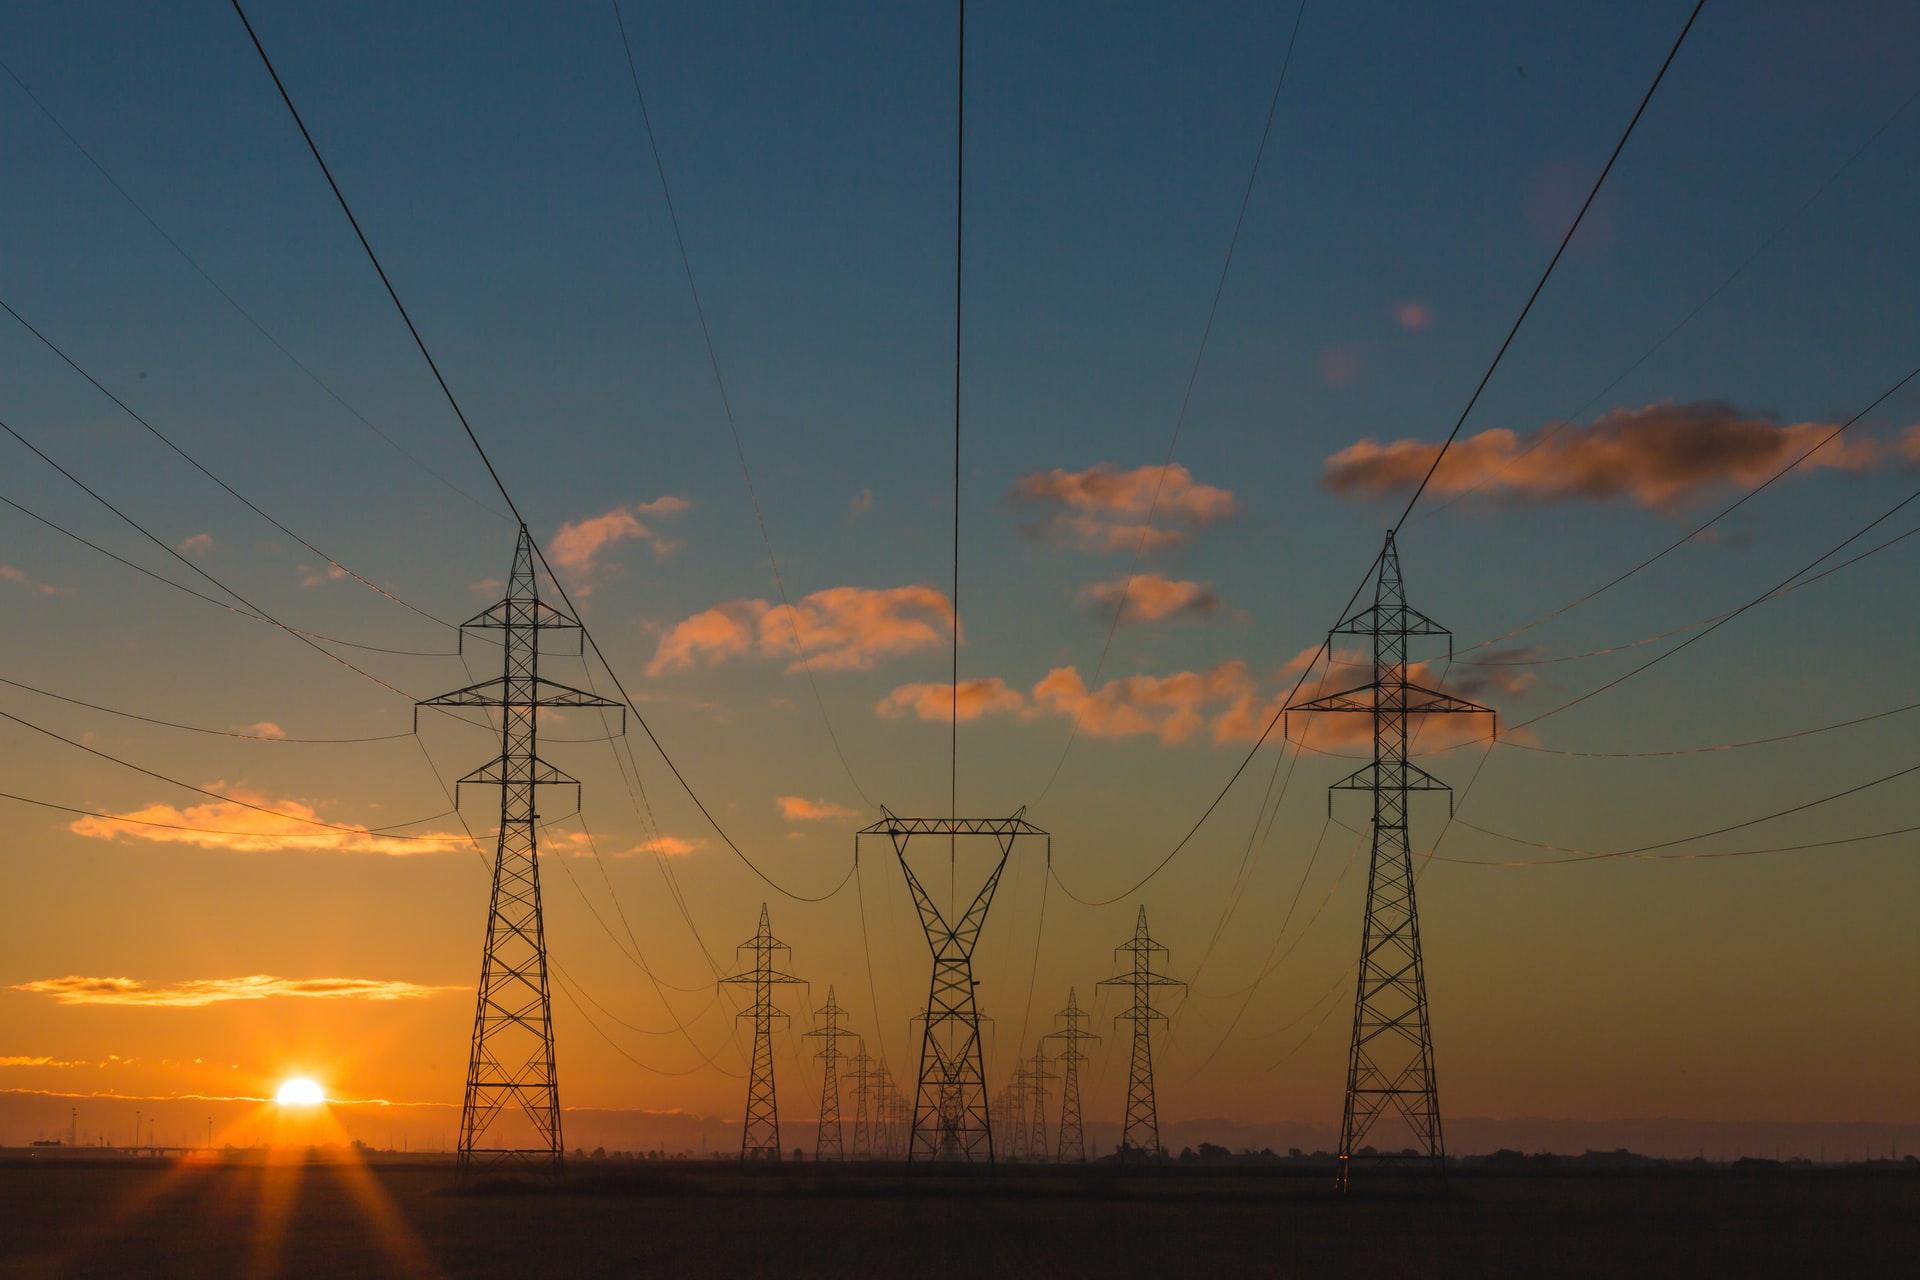 エネルギーを運ぶ送電線